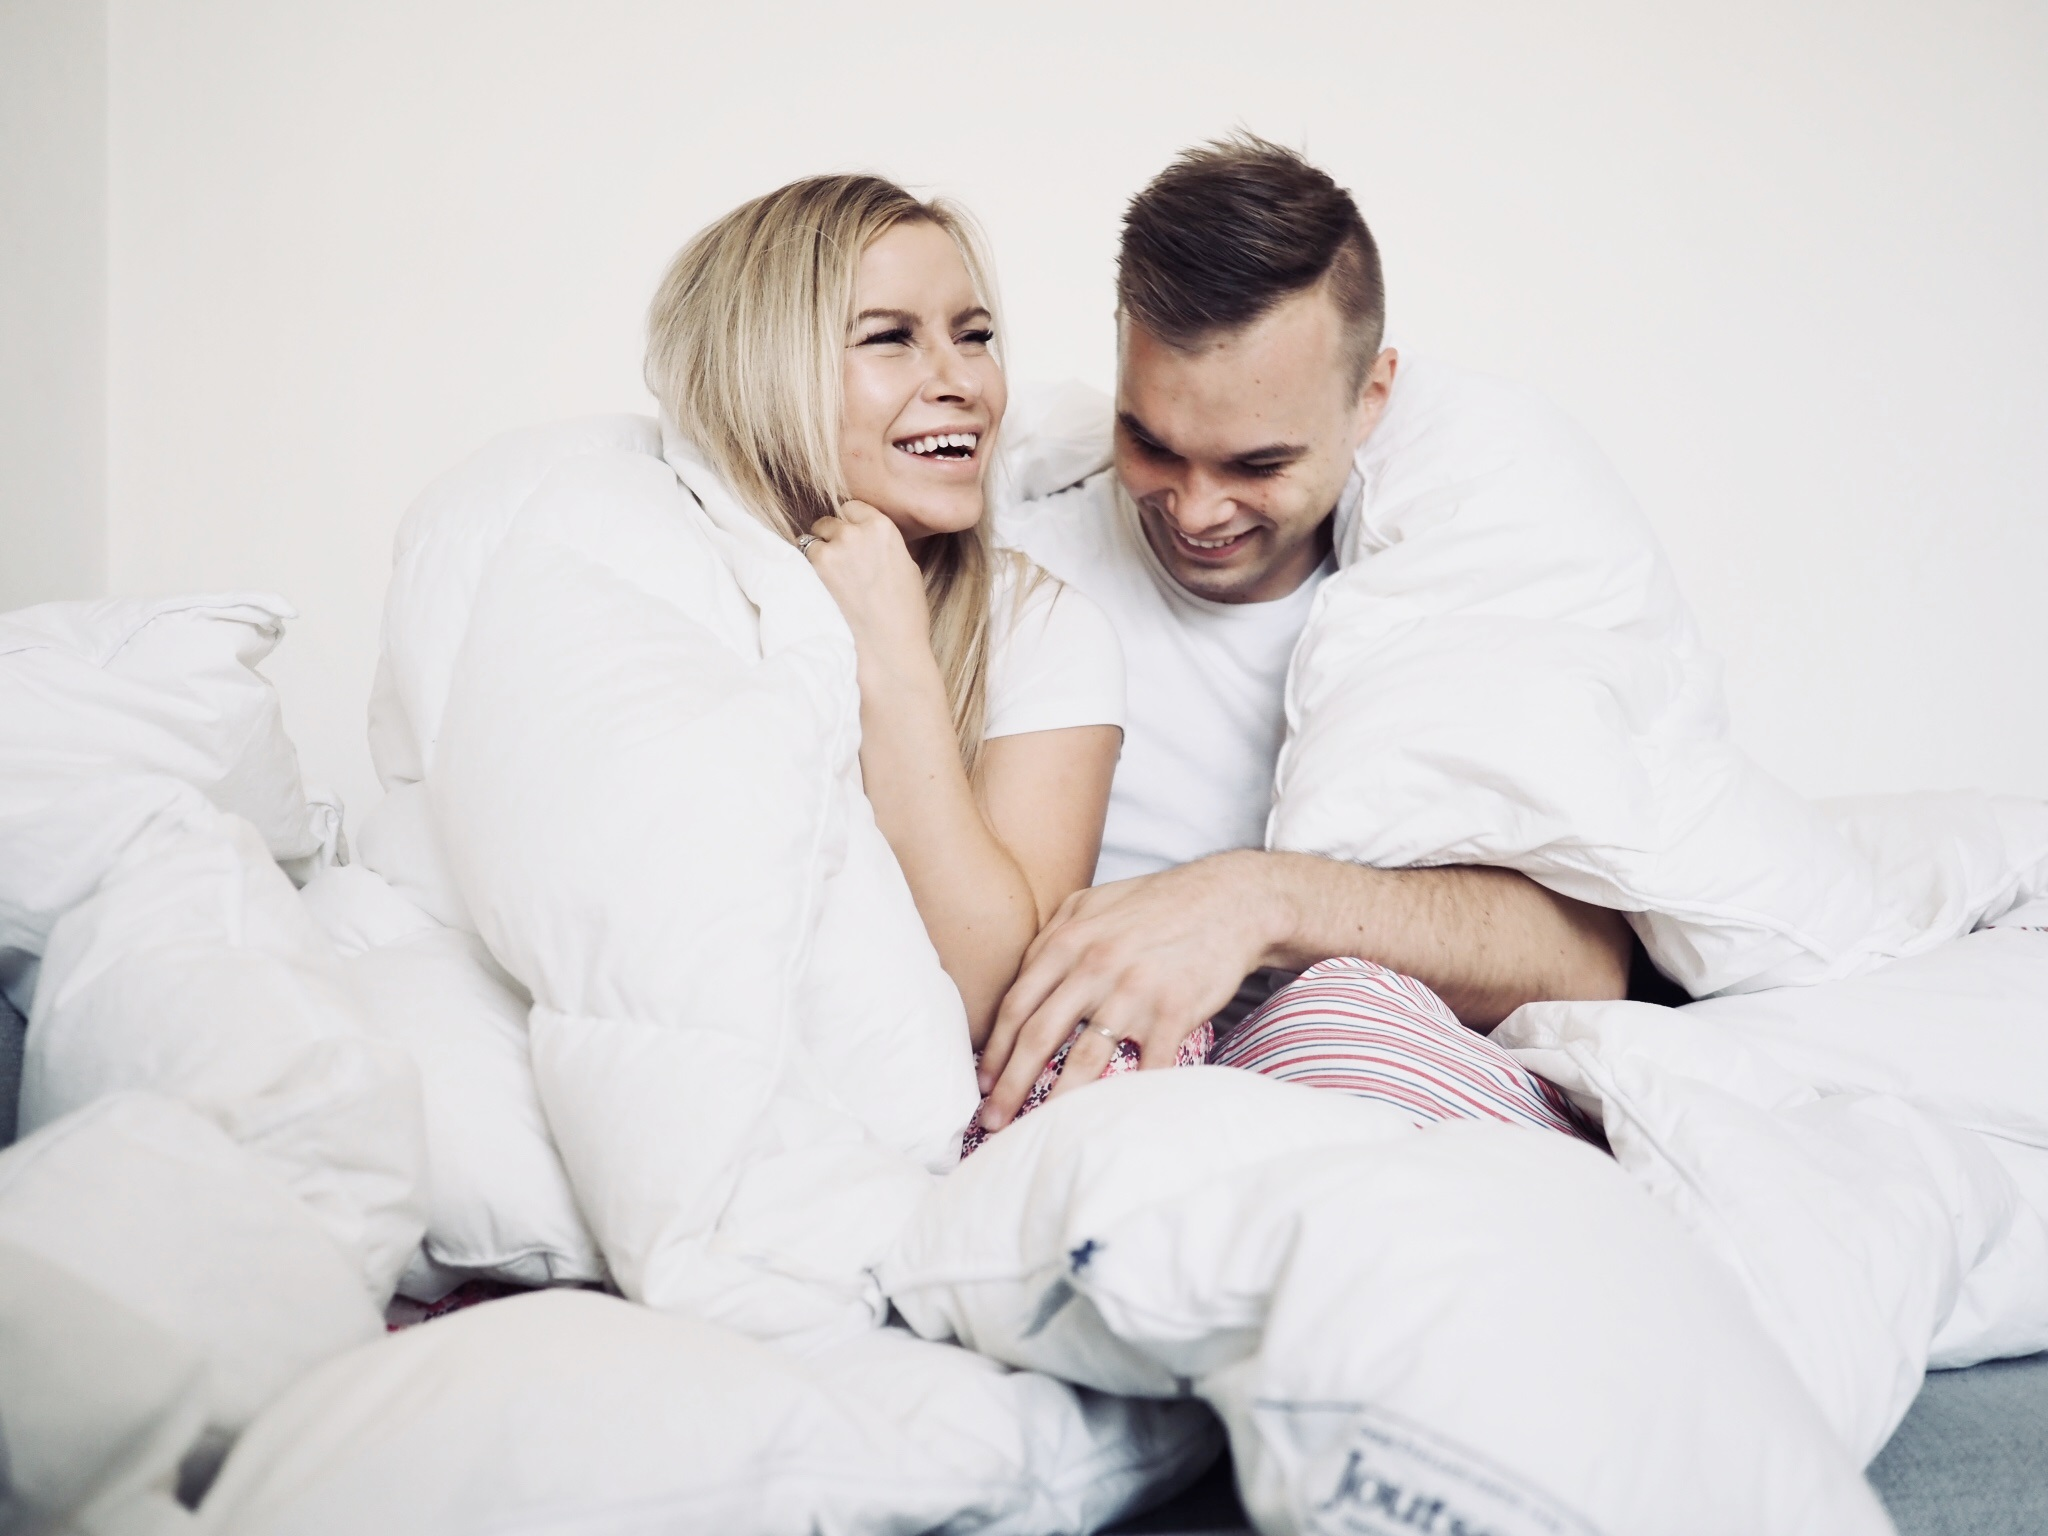 Kauris nainen dating syöpä mies